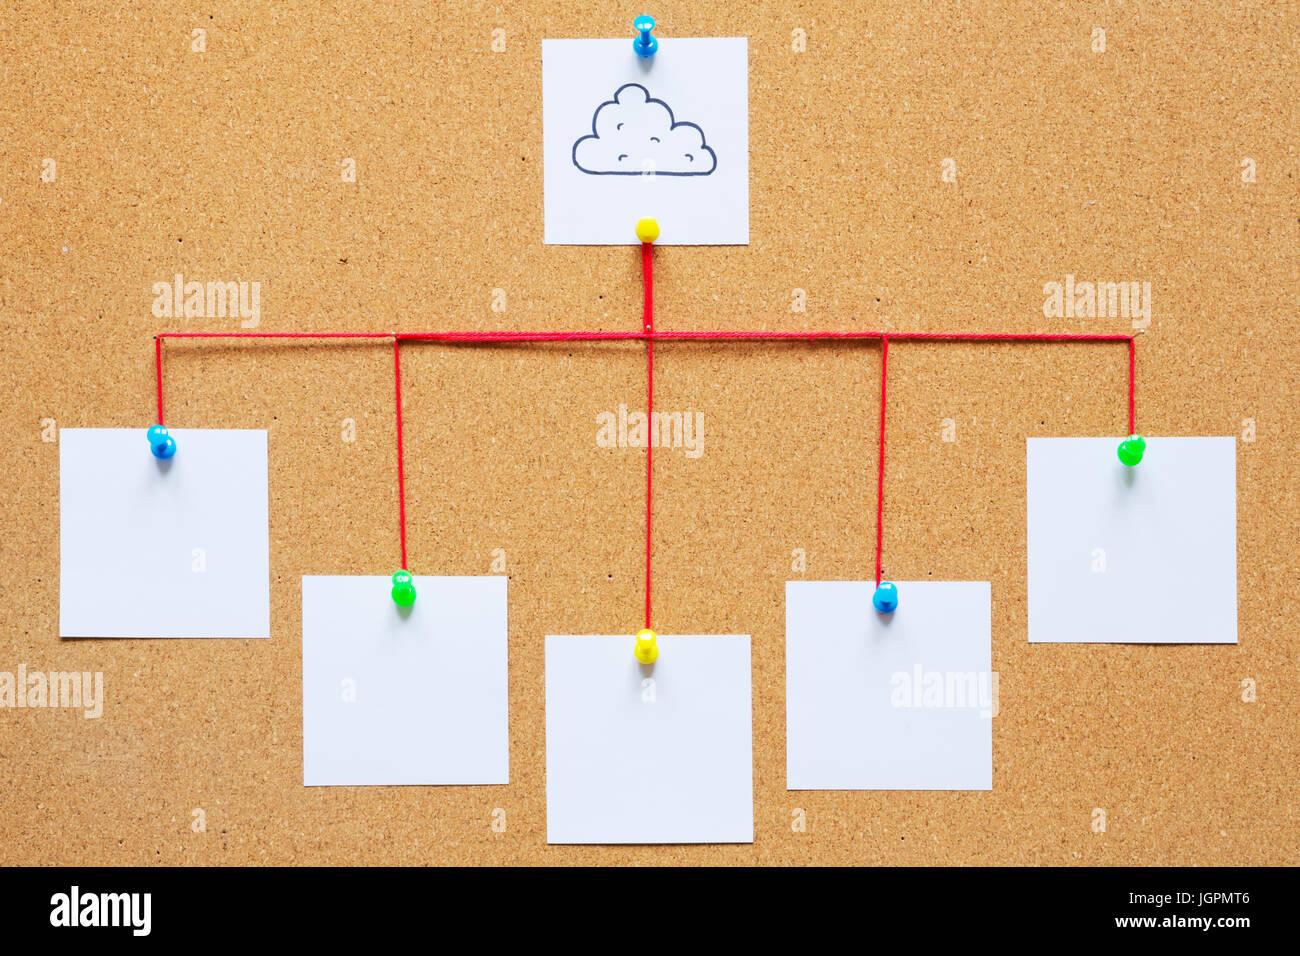 Visualisation de cloud computing sur un babillard en liège. Photo Stock